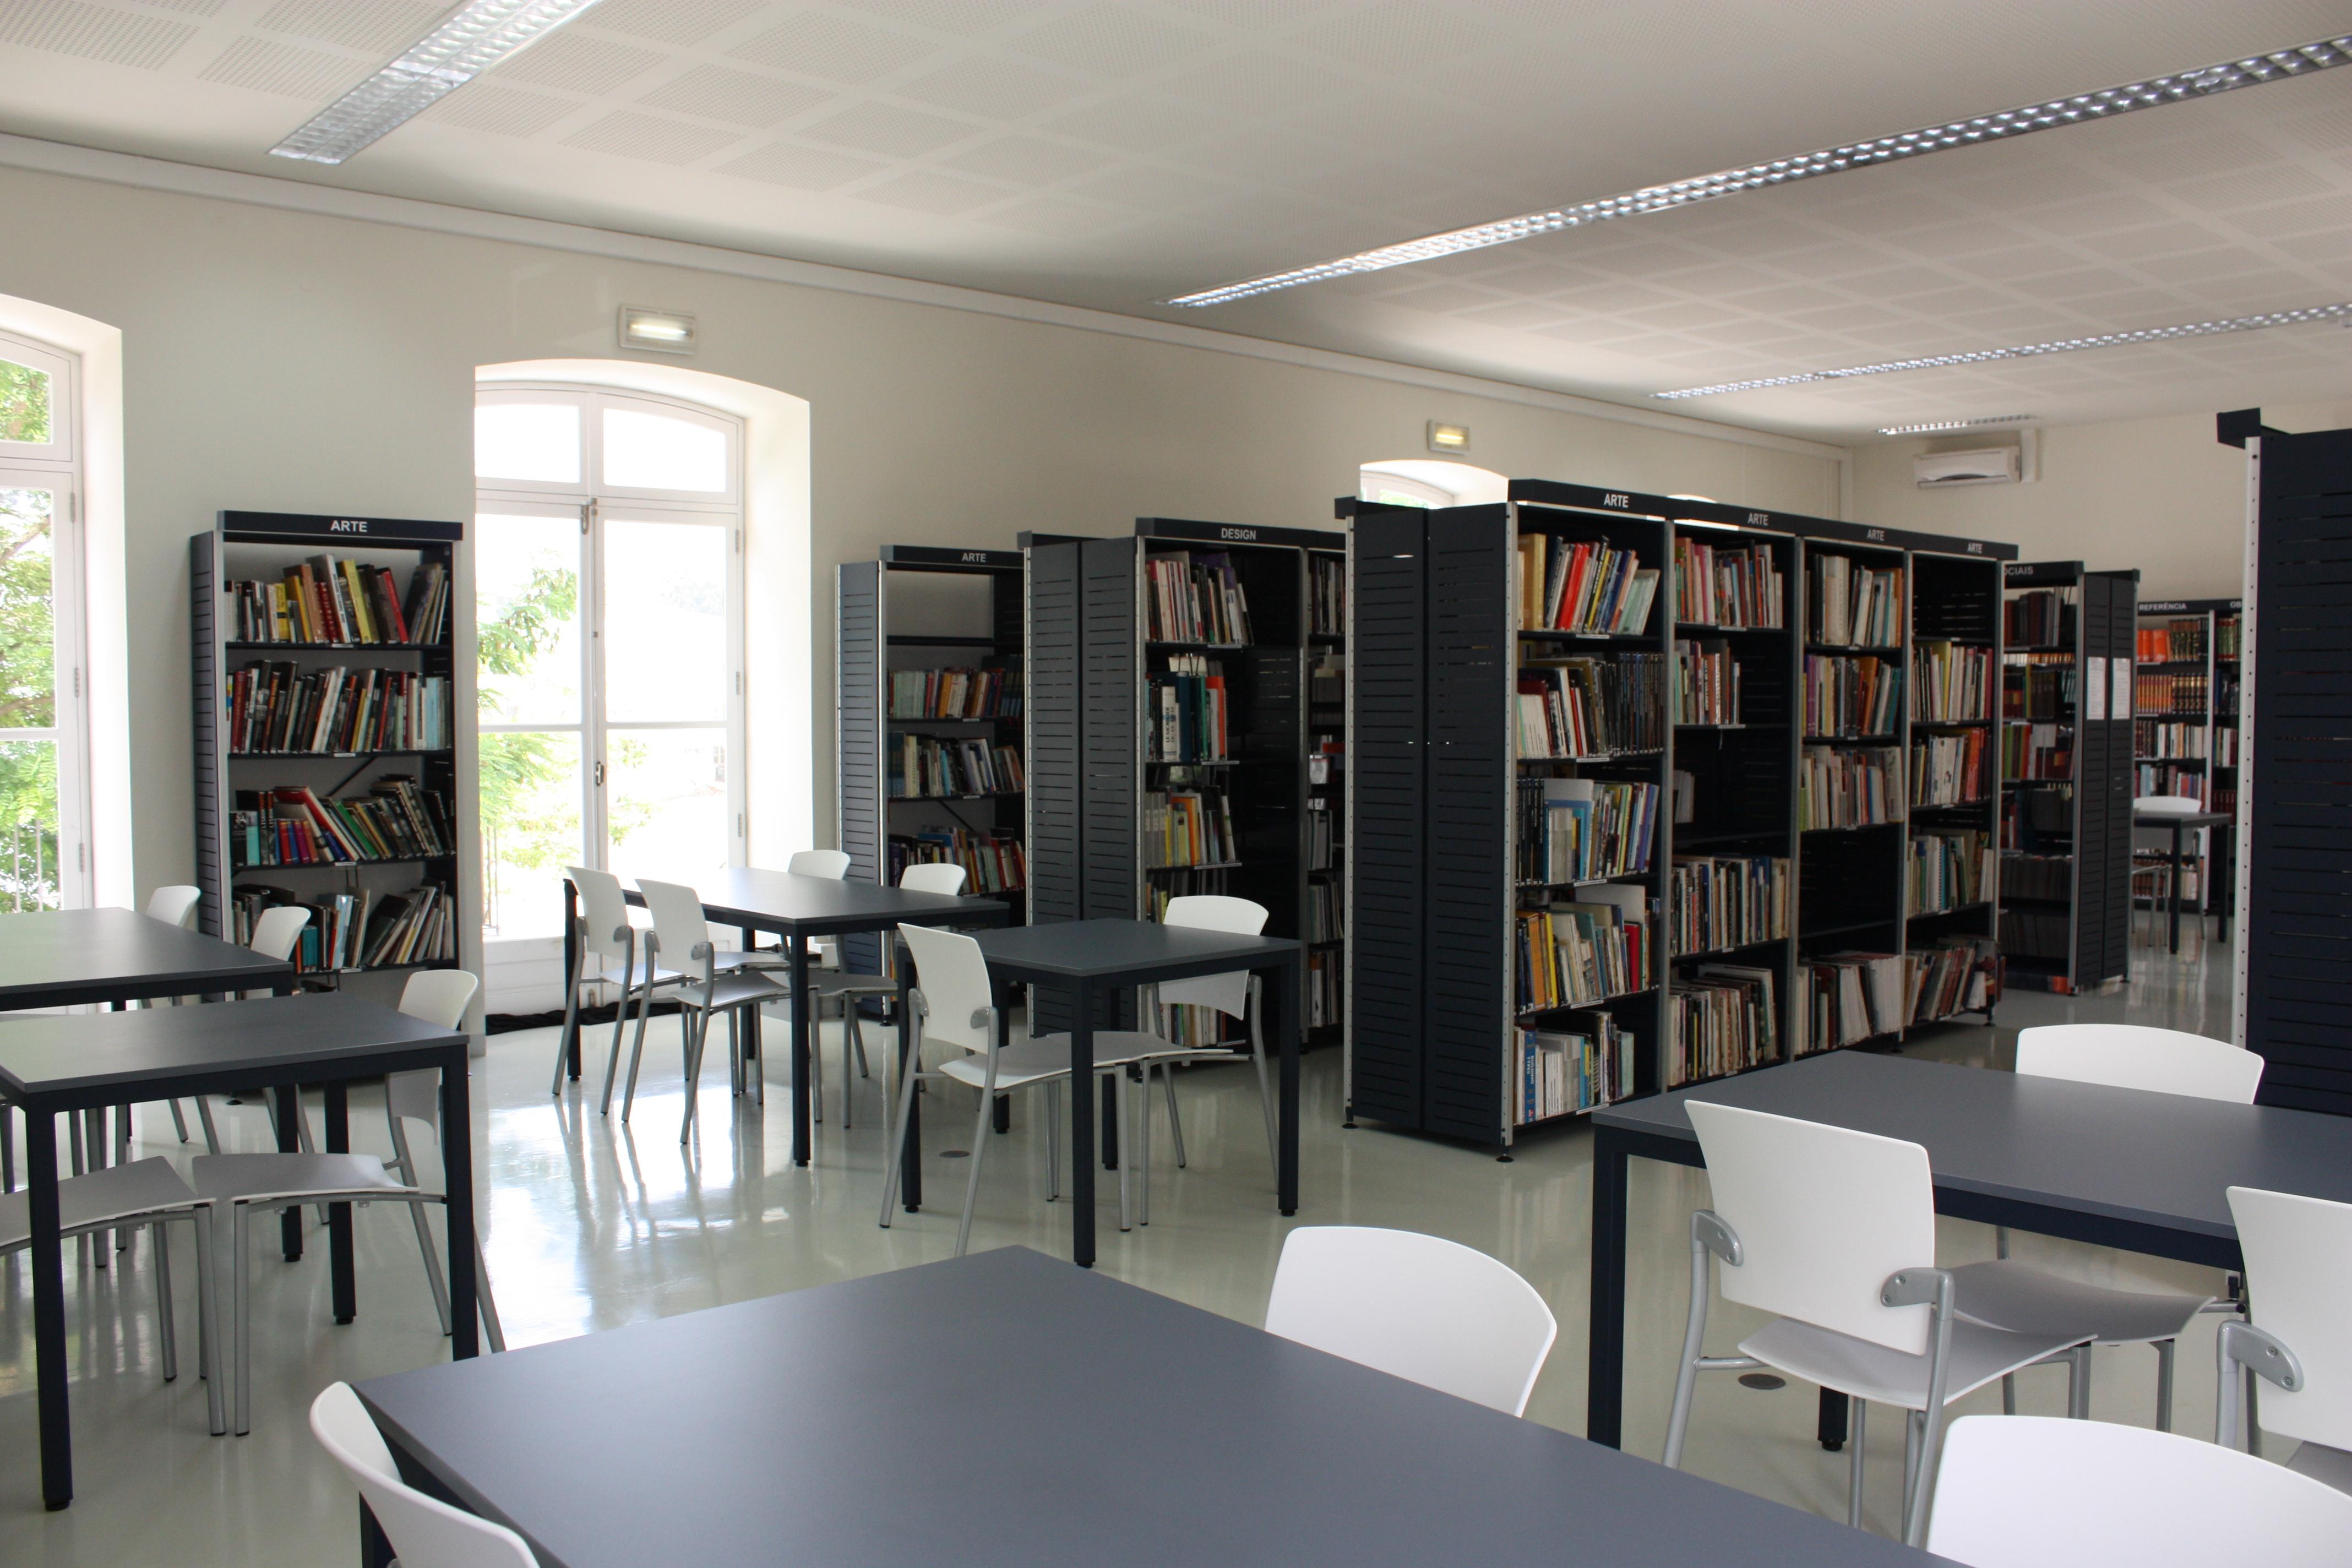 Biblioteca do campus 3 esad cr bibliotecas do for Politecnico biblioteca